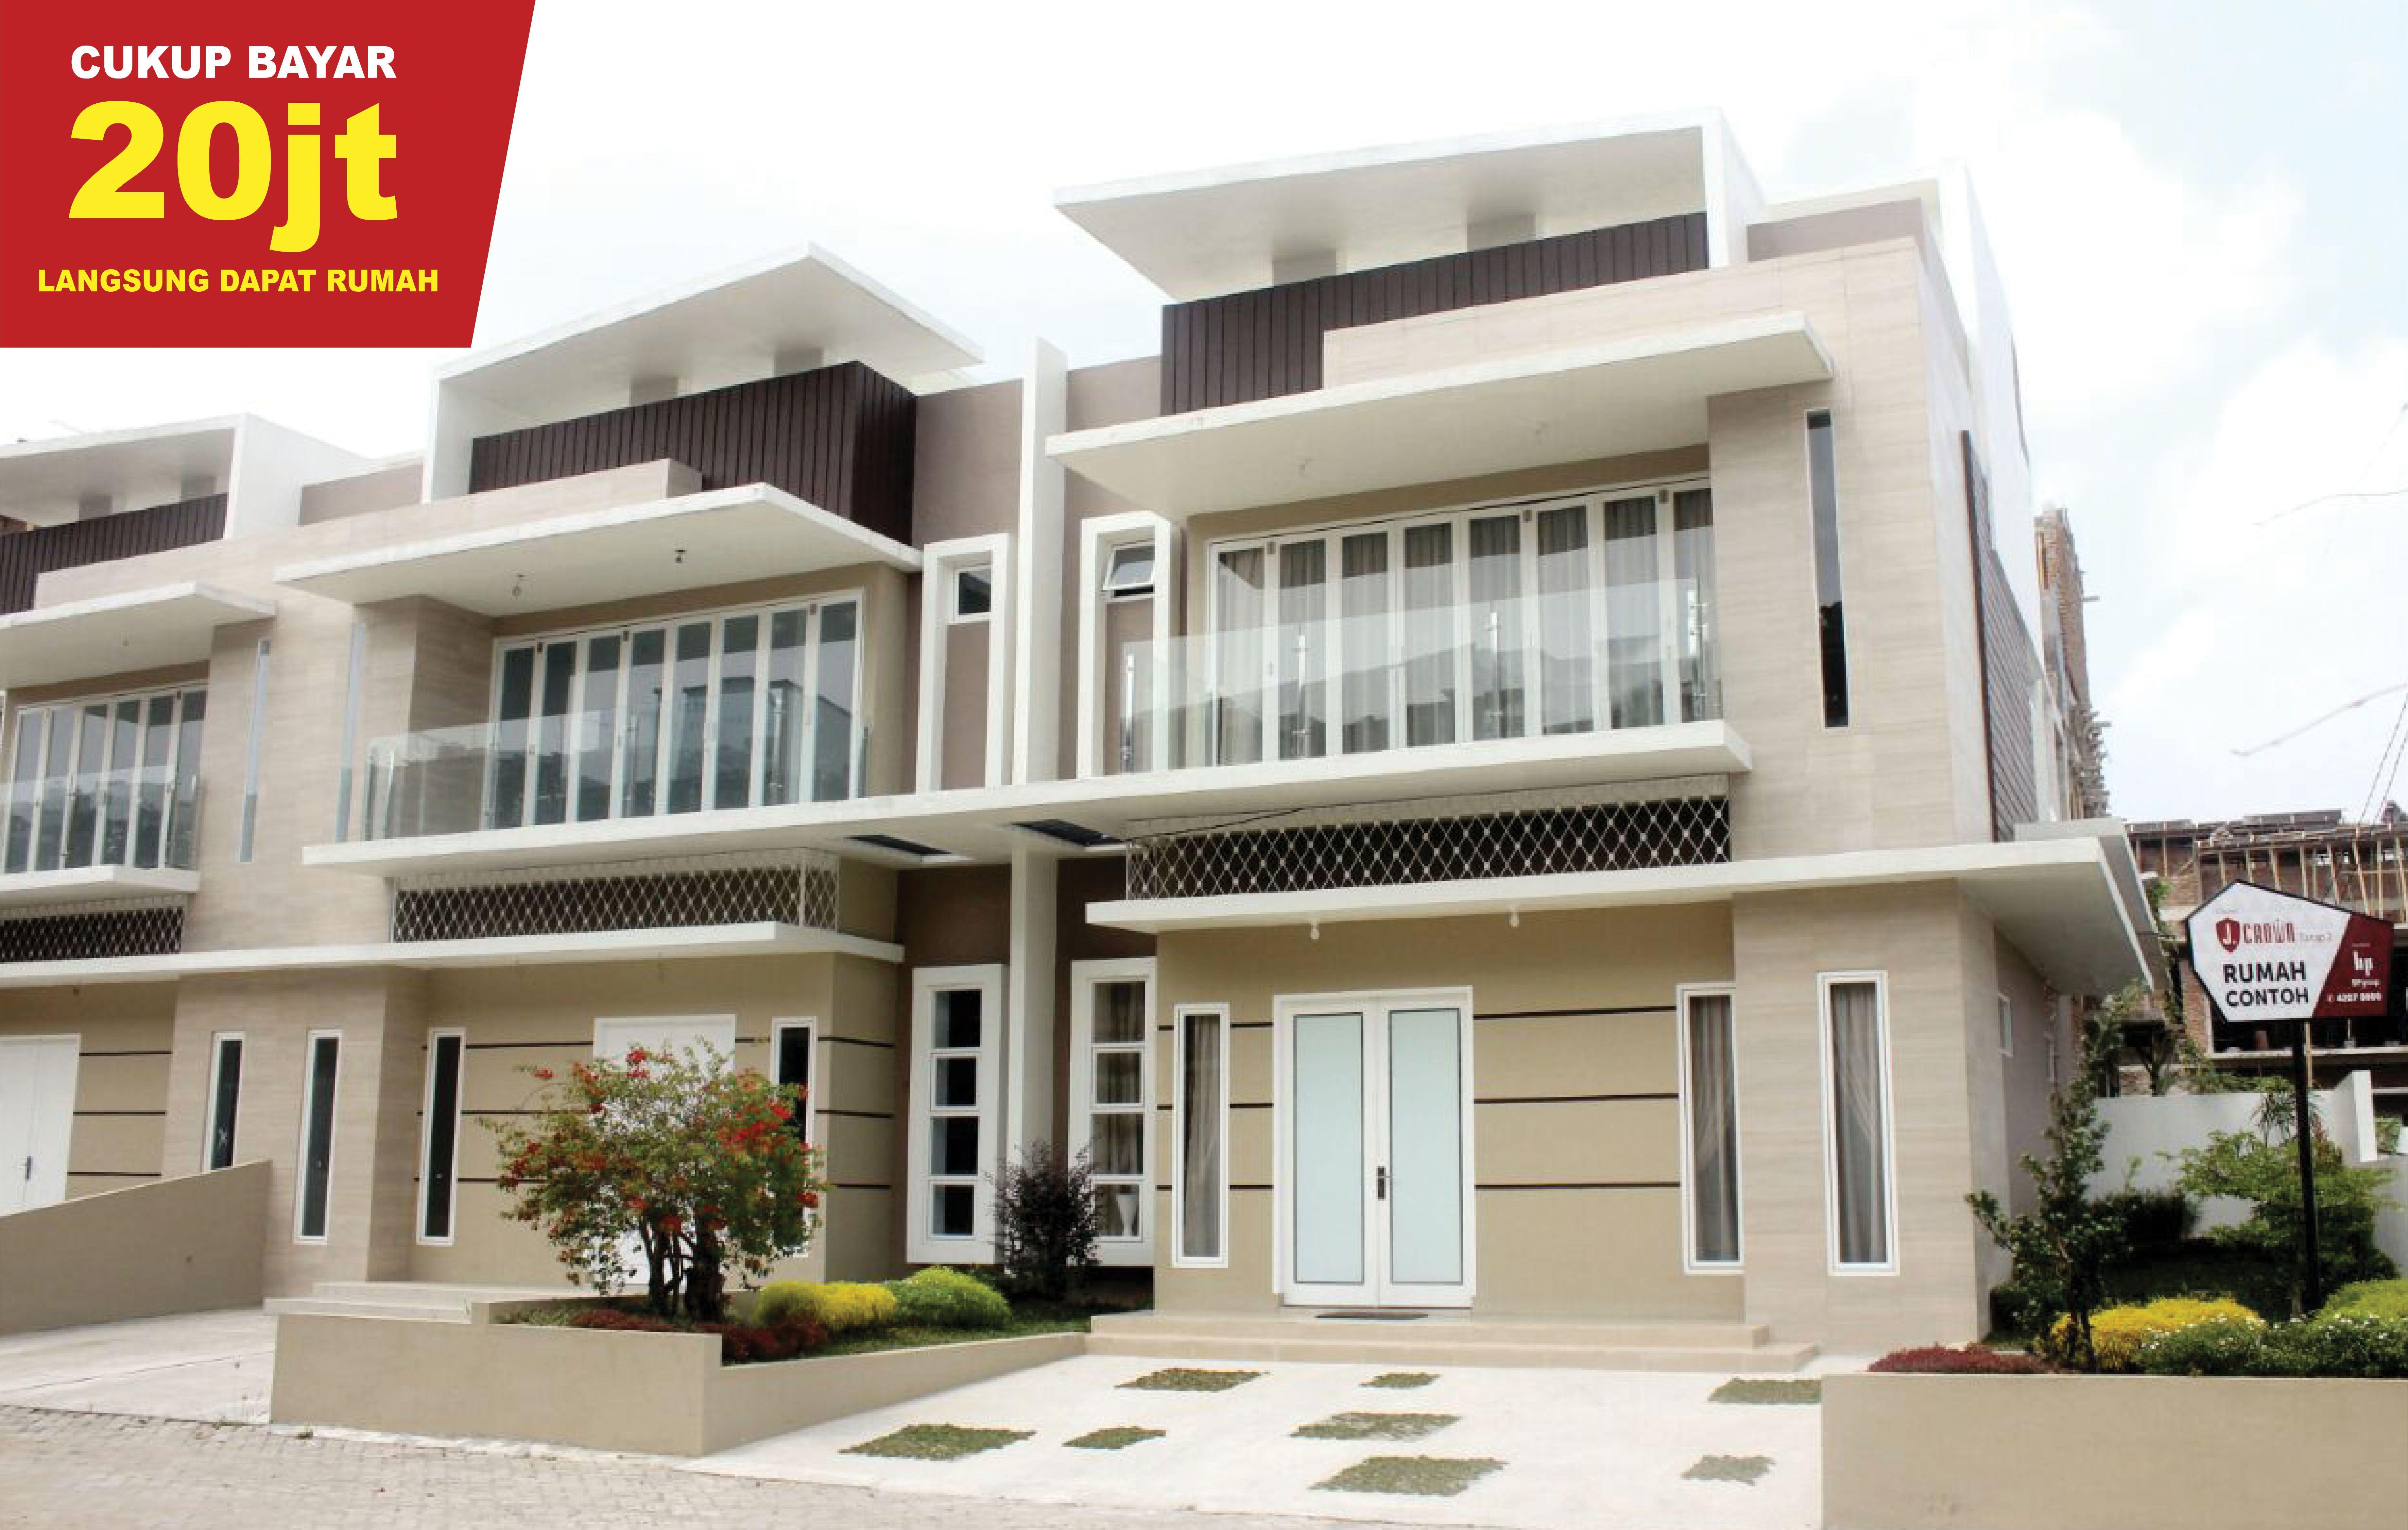 Cari Rumah Di Medan Johor Rumah Medan Johor Dijual Rumah Di Medan Johor Rumah Sewa Di Medan Johor Kpr Rumah Di Medan Johor Rumah Rumah Minimalis Minimalis